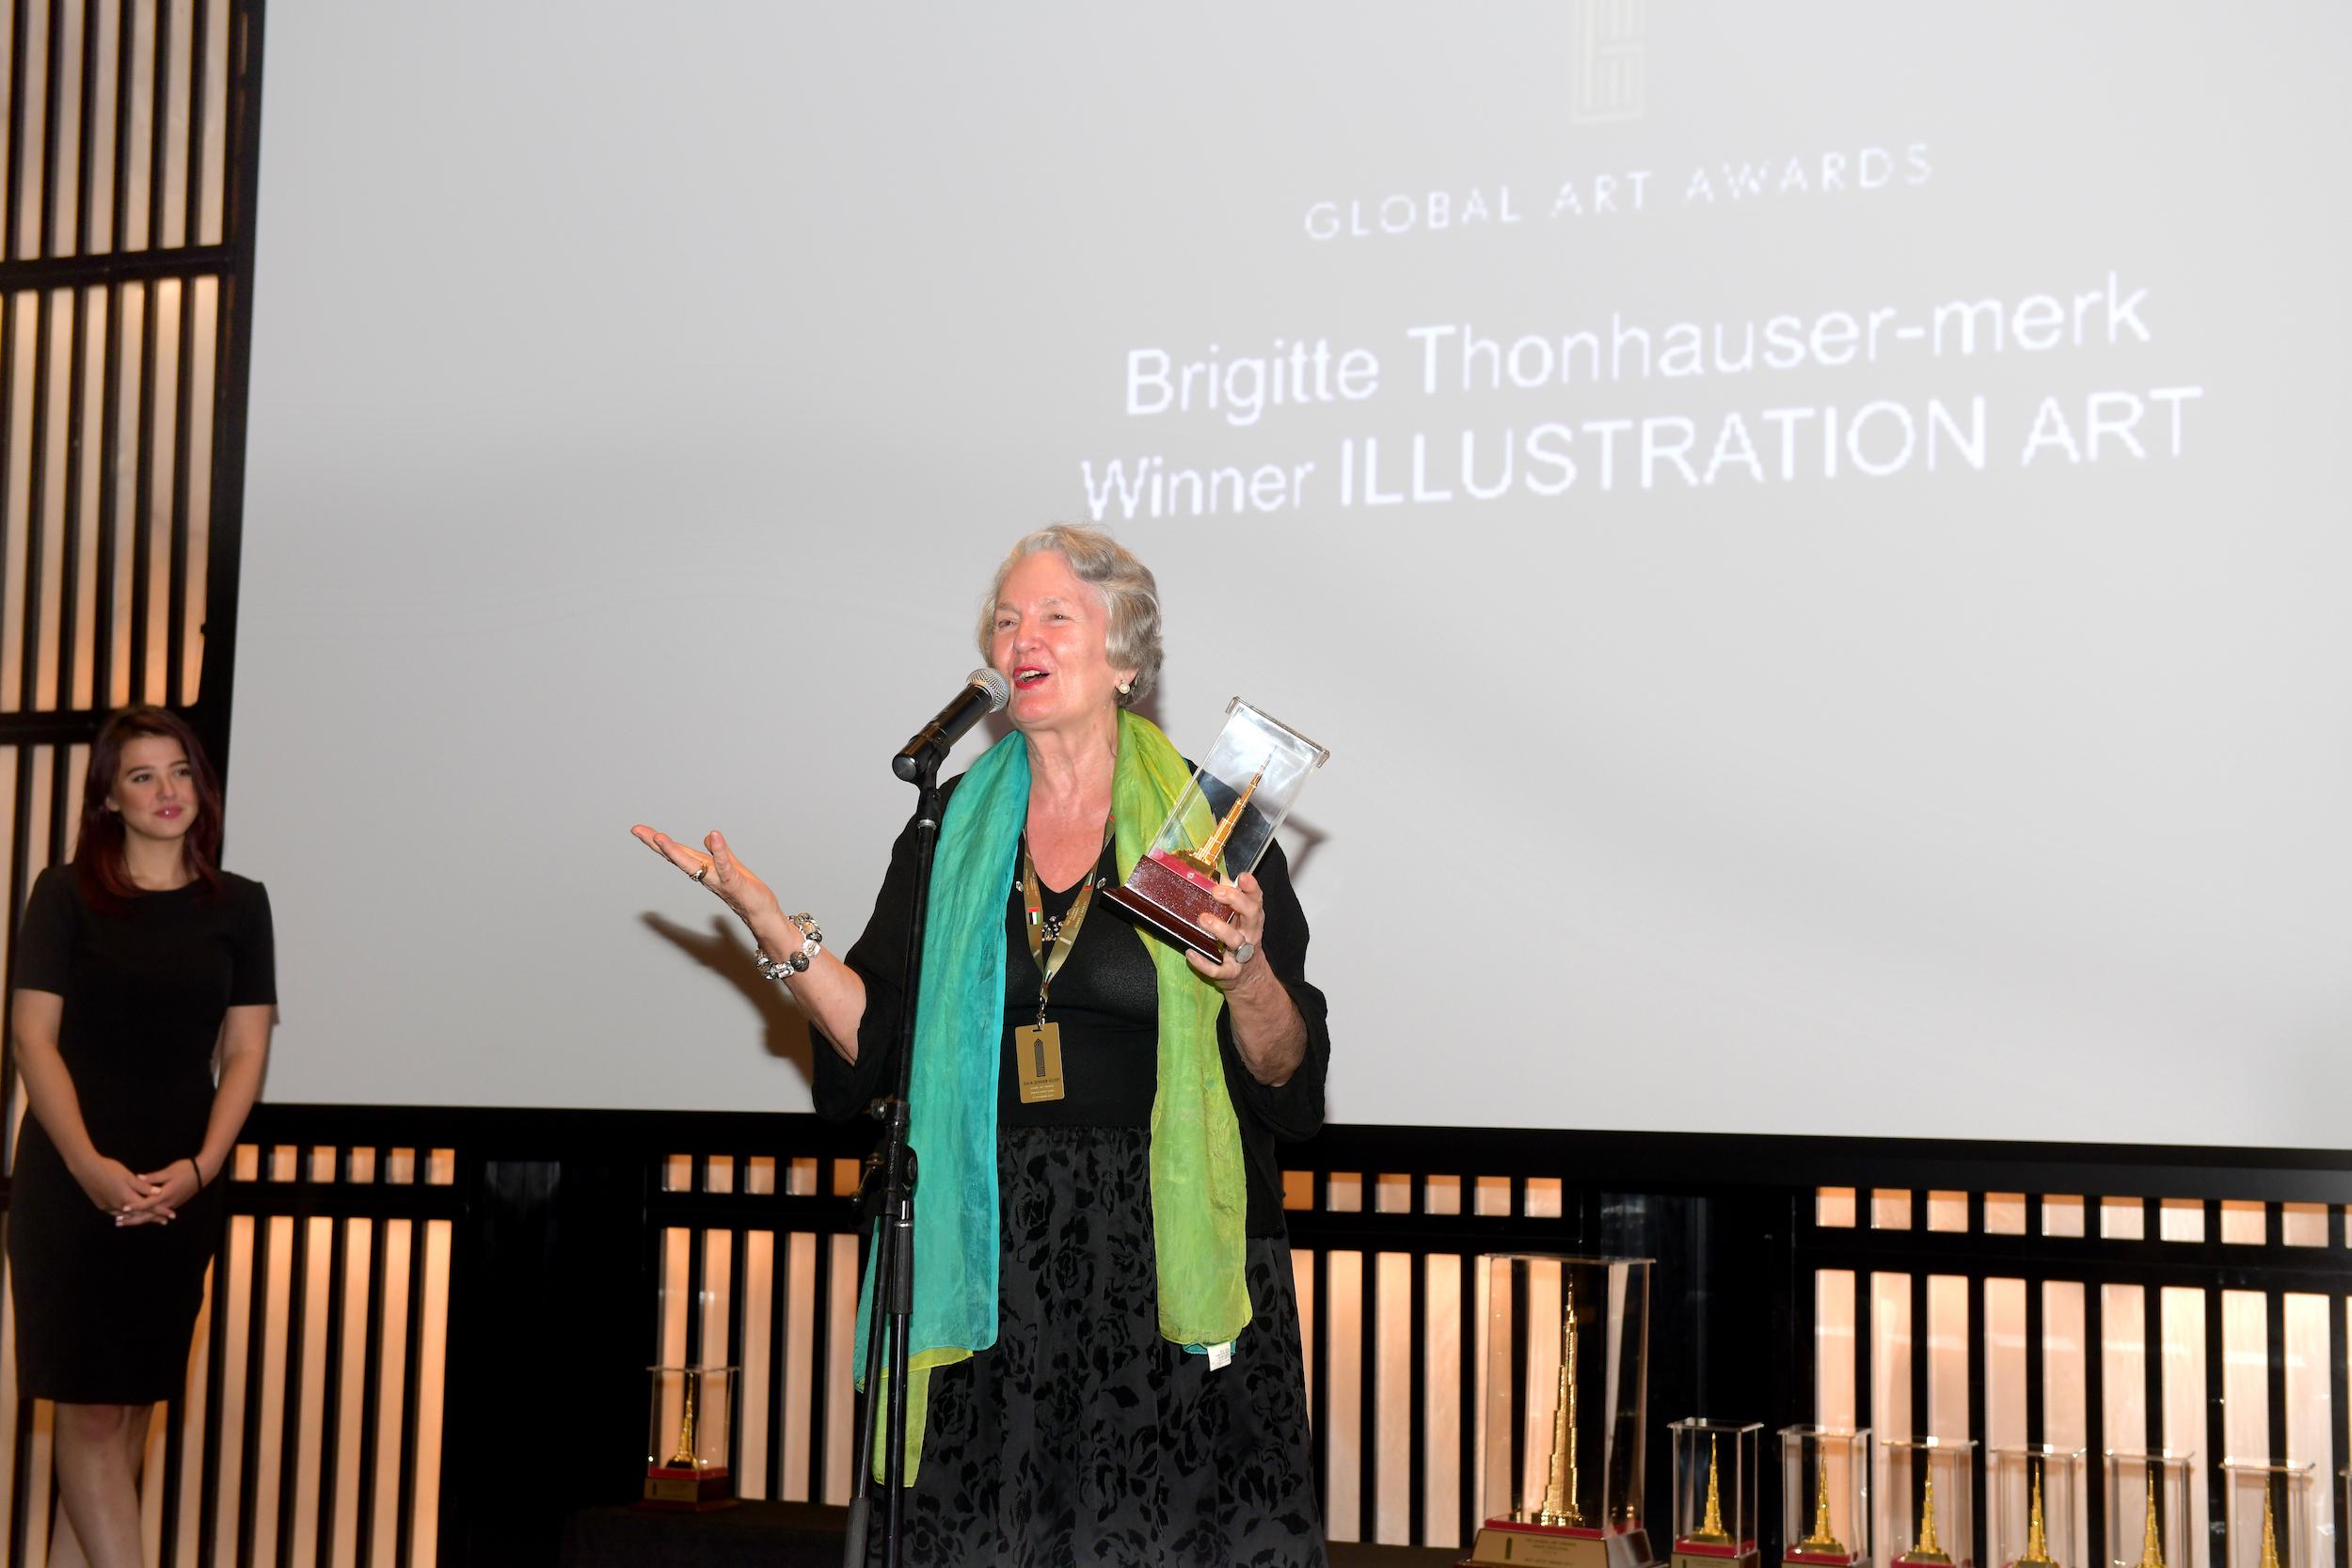 ILLUSTRATION ART AWARD   BRIGITTE THONHAUSER-MERK (AUSTRIA)